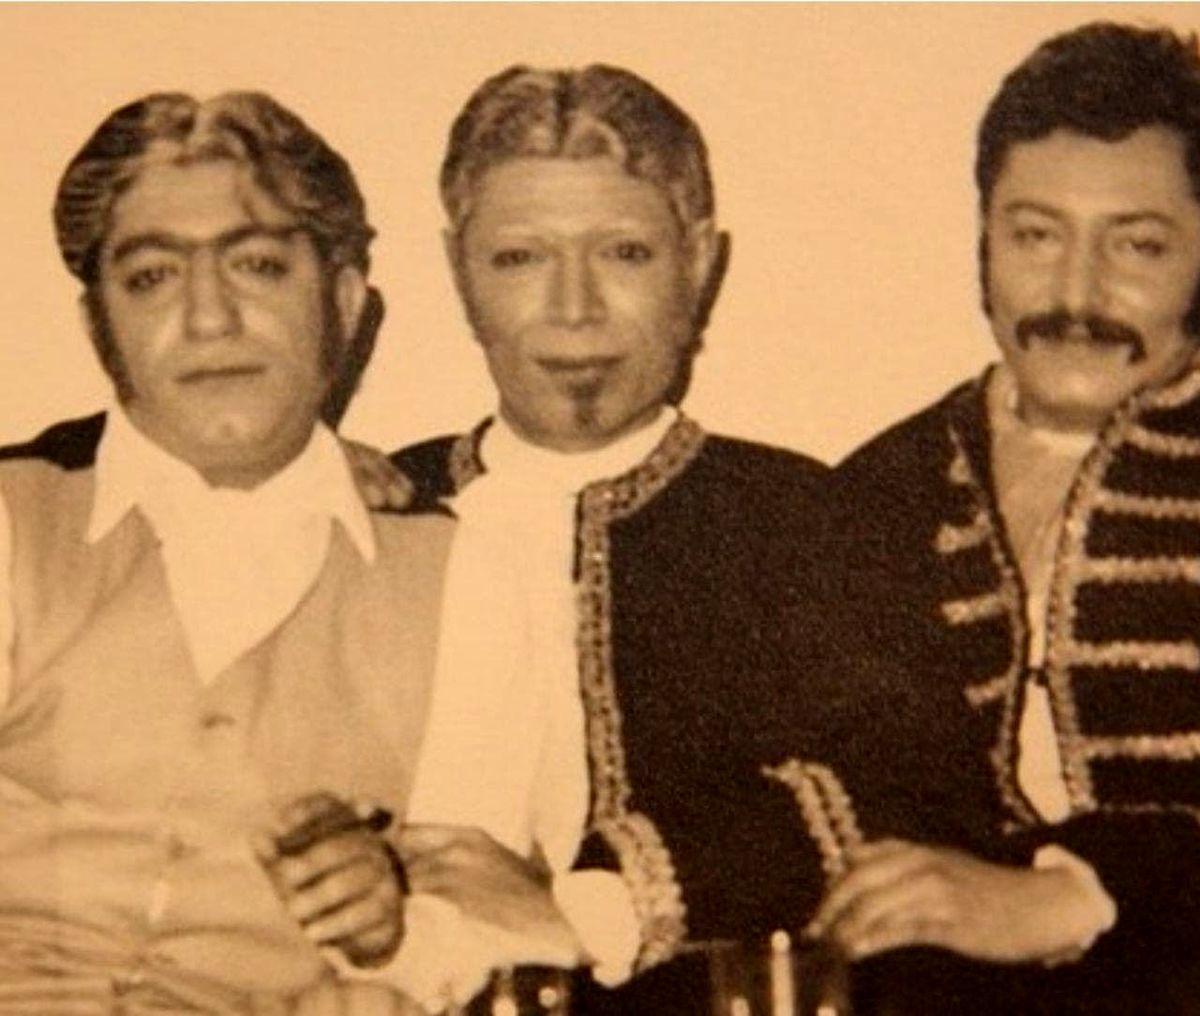 عکسی از 3 بازیگر معروف ایرانی پنجاه سال پیش